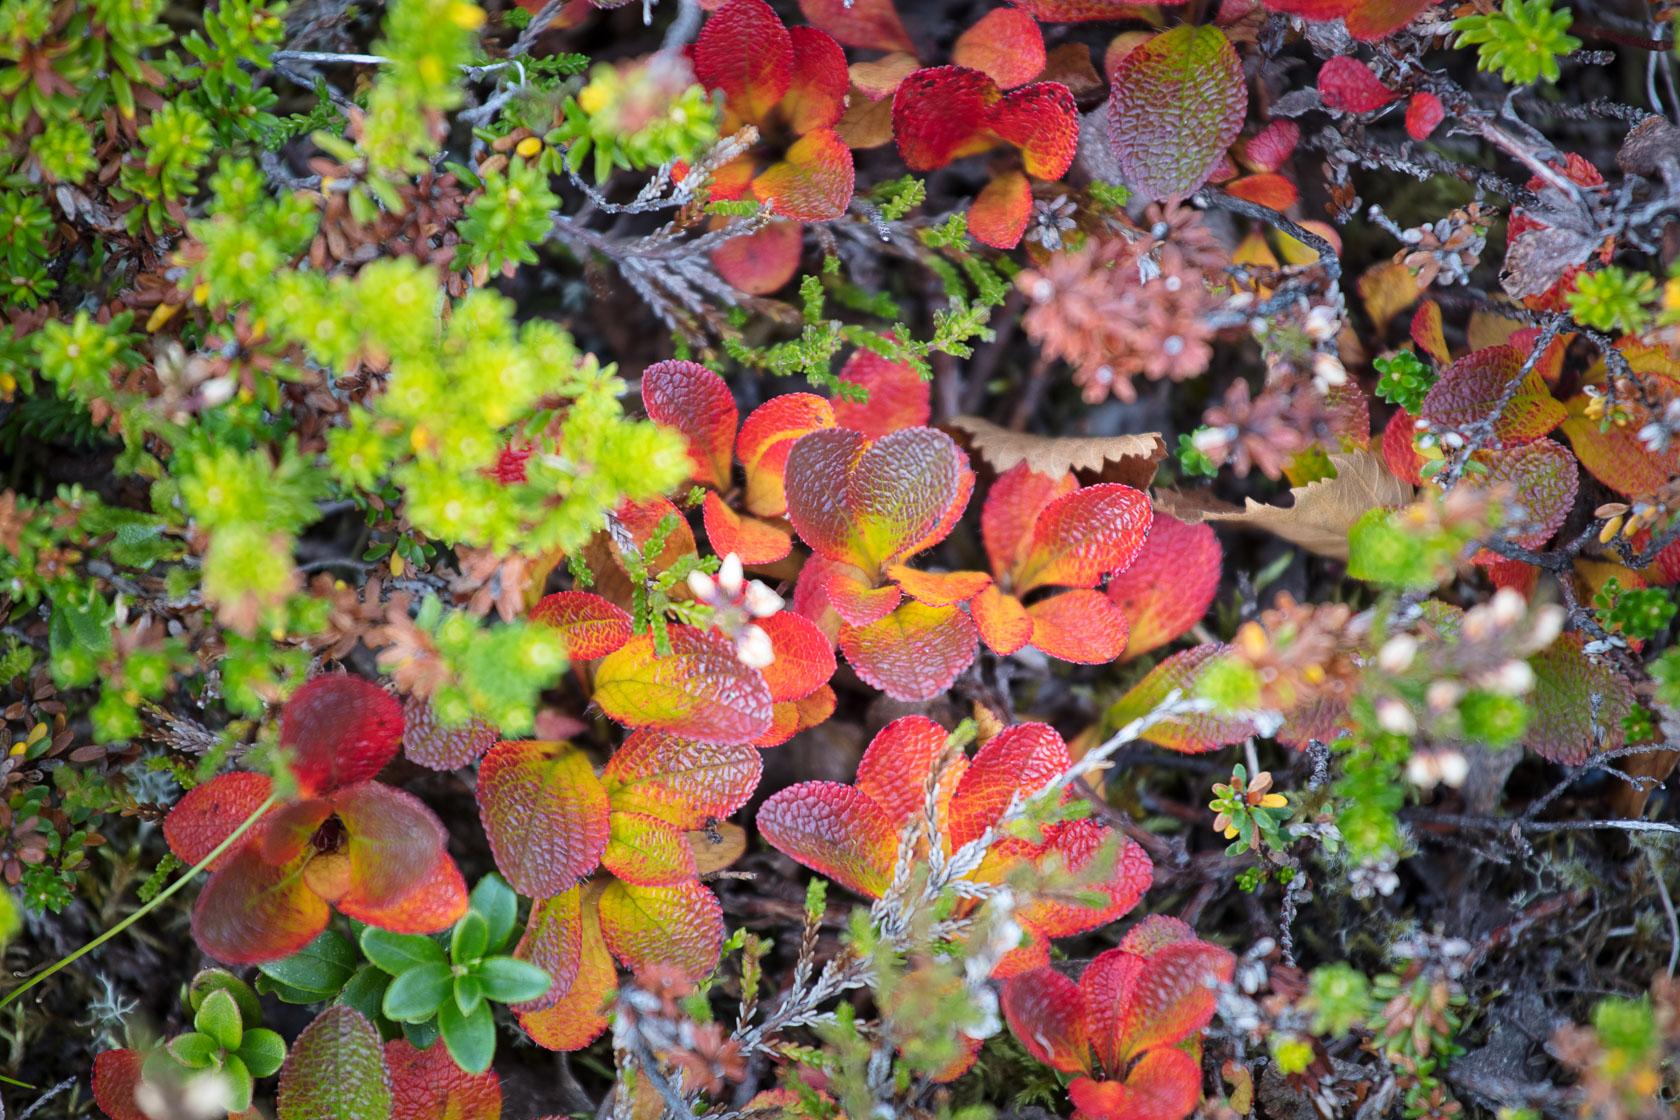 détail des feuilles de la toundra en automne, dans les îles Lofoten, en Norvège